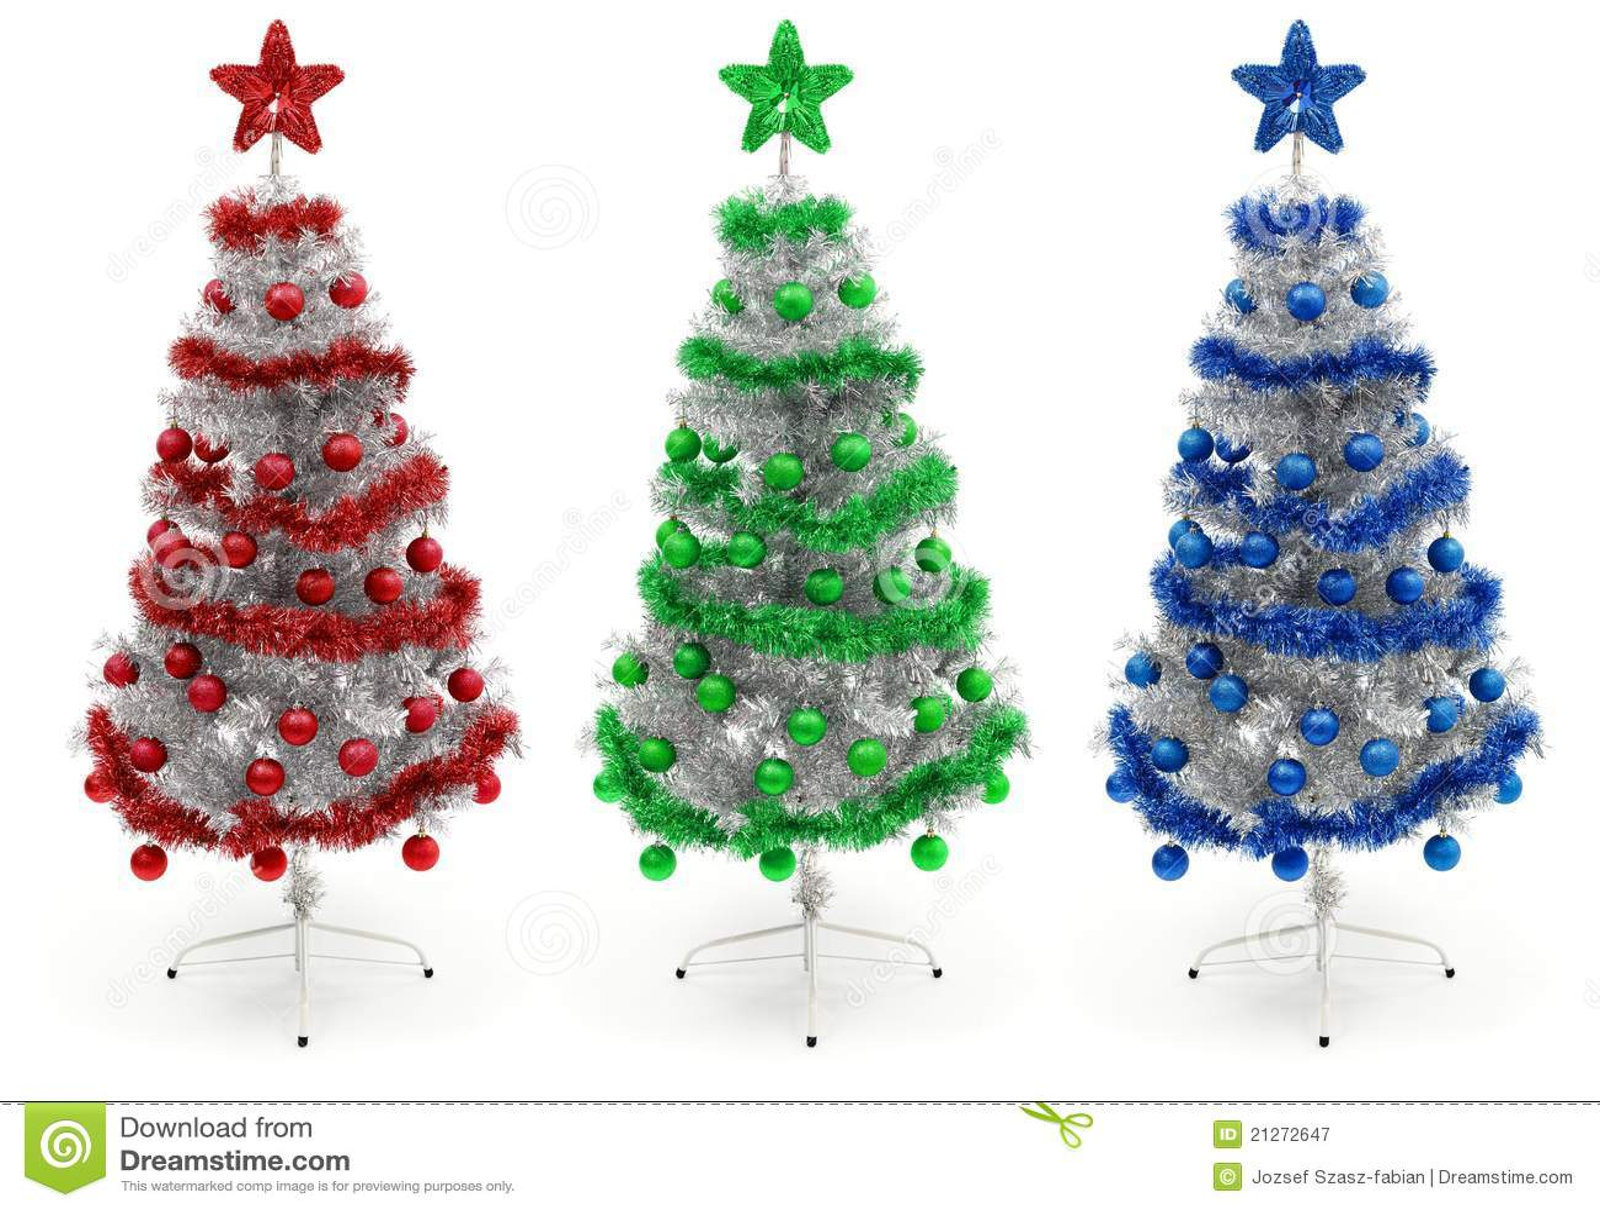 rbol de navidad adornado del rojo verde y azul fotografa de archivo libre de regalas